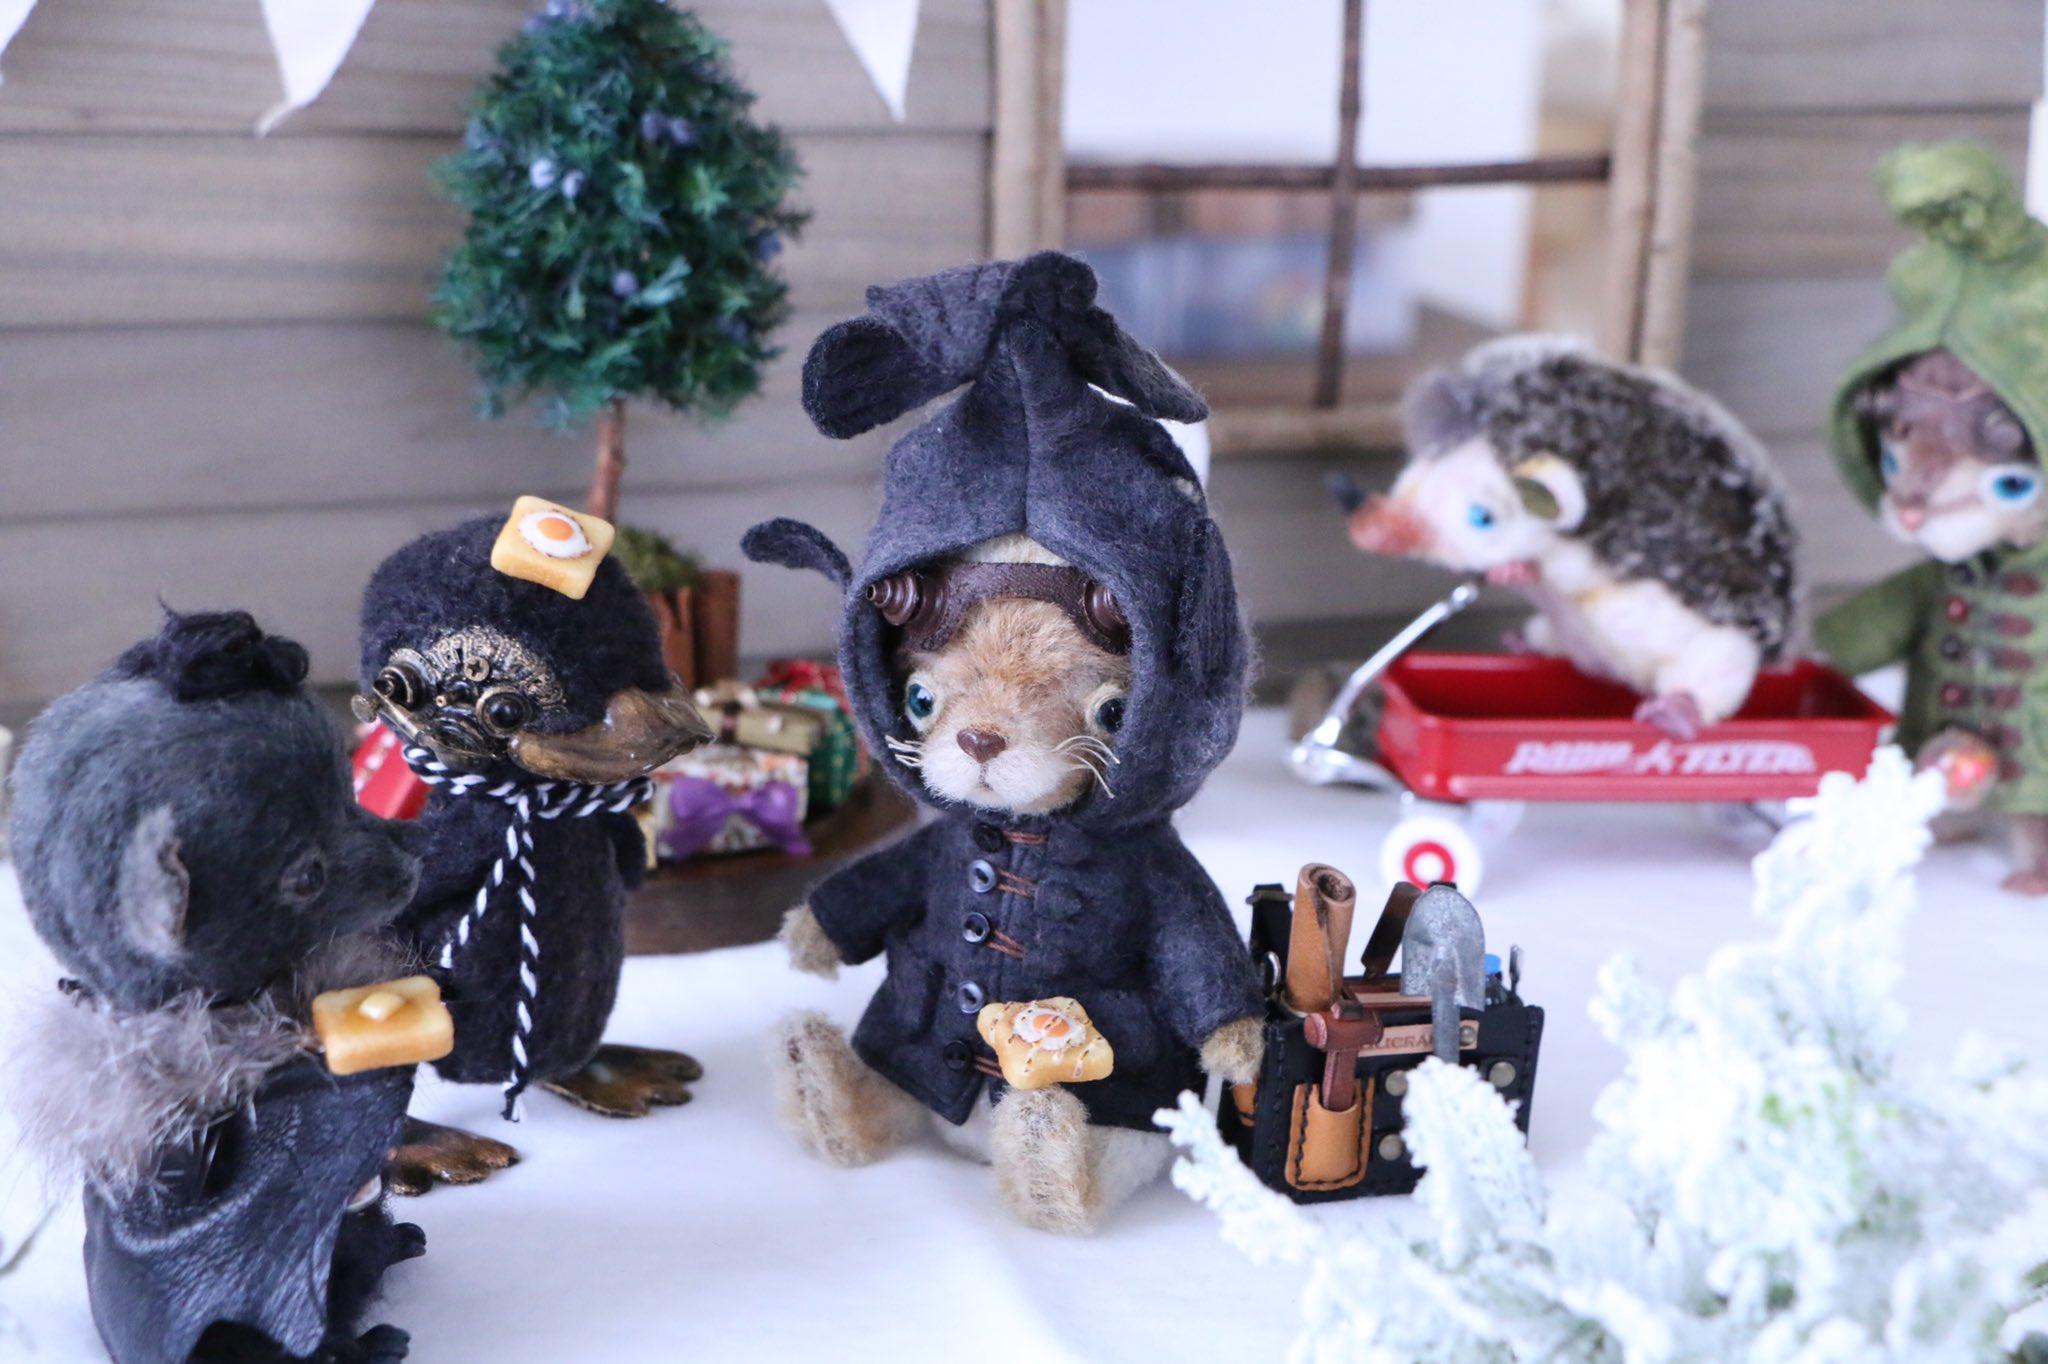 ドール撮影用小物,素敵なおすすめおもちゃ,パン,クリスマス雪景色